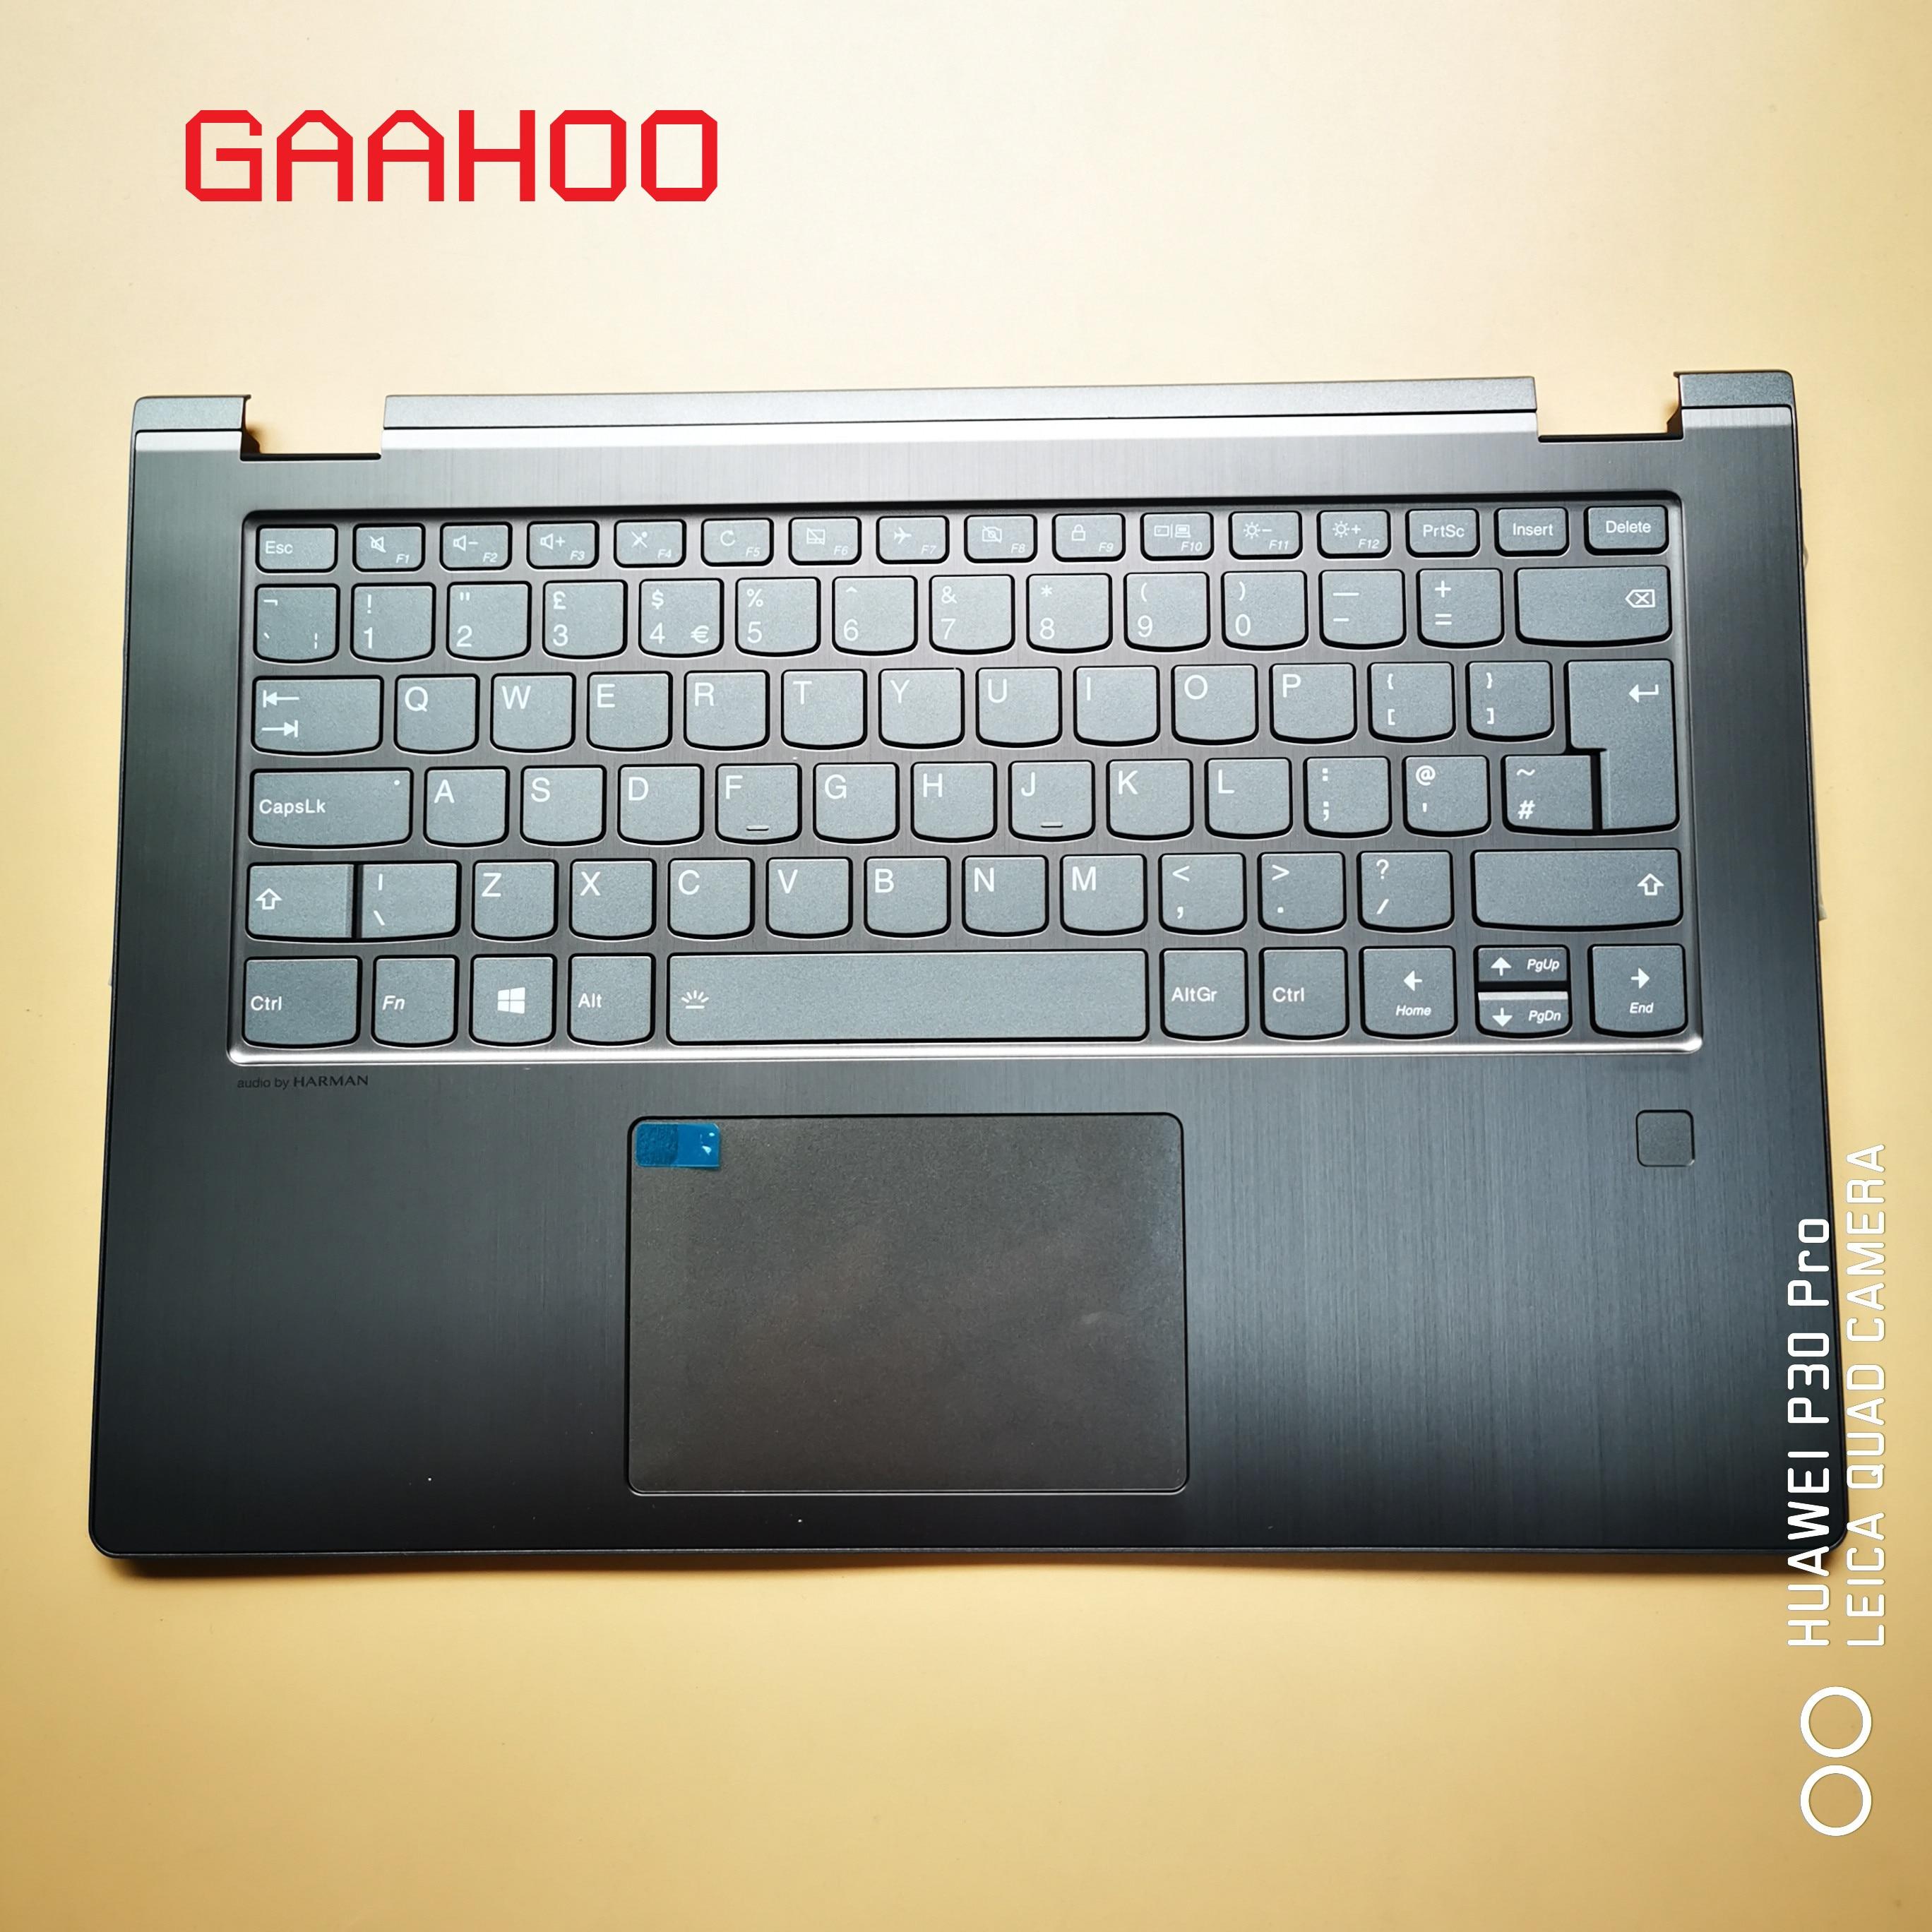 Clavier UK pour LENOVO YOGA 530-14 FLEX6-14 1470 1480 ensemble repose-main avec clavier UK pavé tactile et Scanner d'empreintes digitales gris